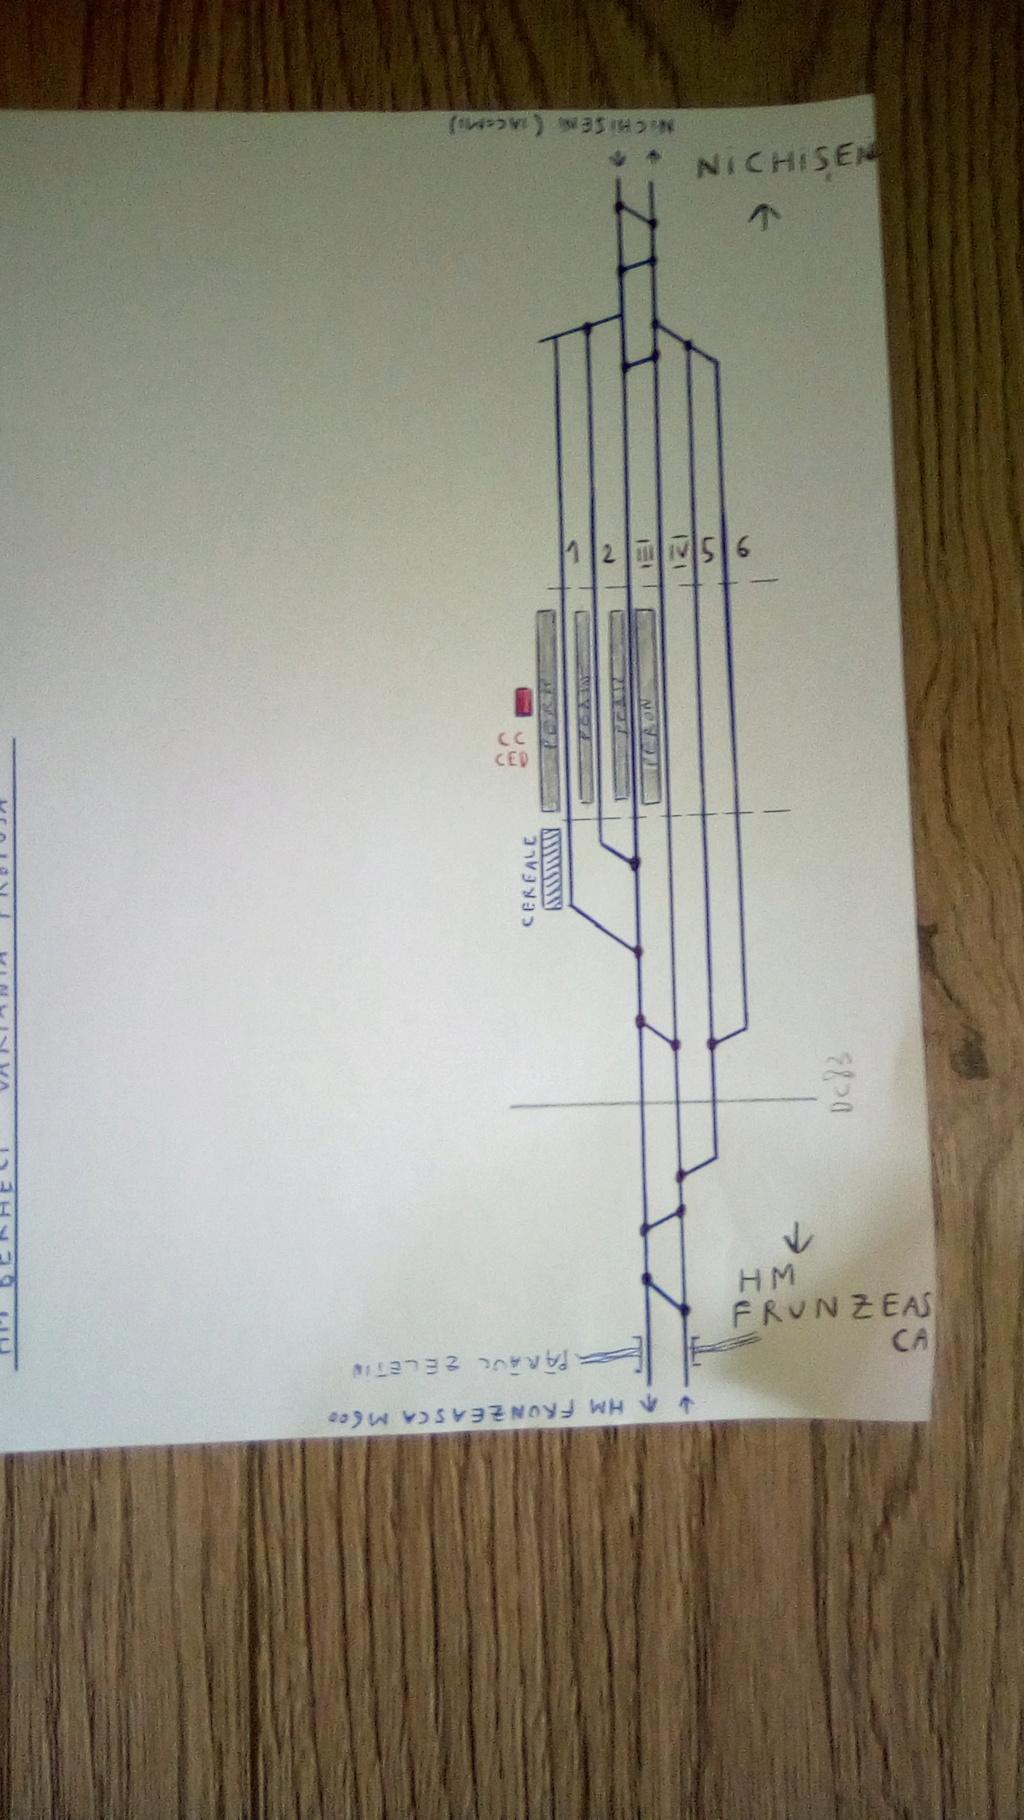 M 600 : Faurei - Tecuci - Vaslui - Iasi - Ungheni   - Pagina 21 Hm_ber10